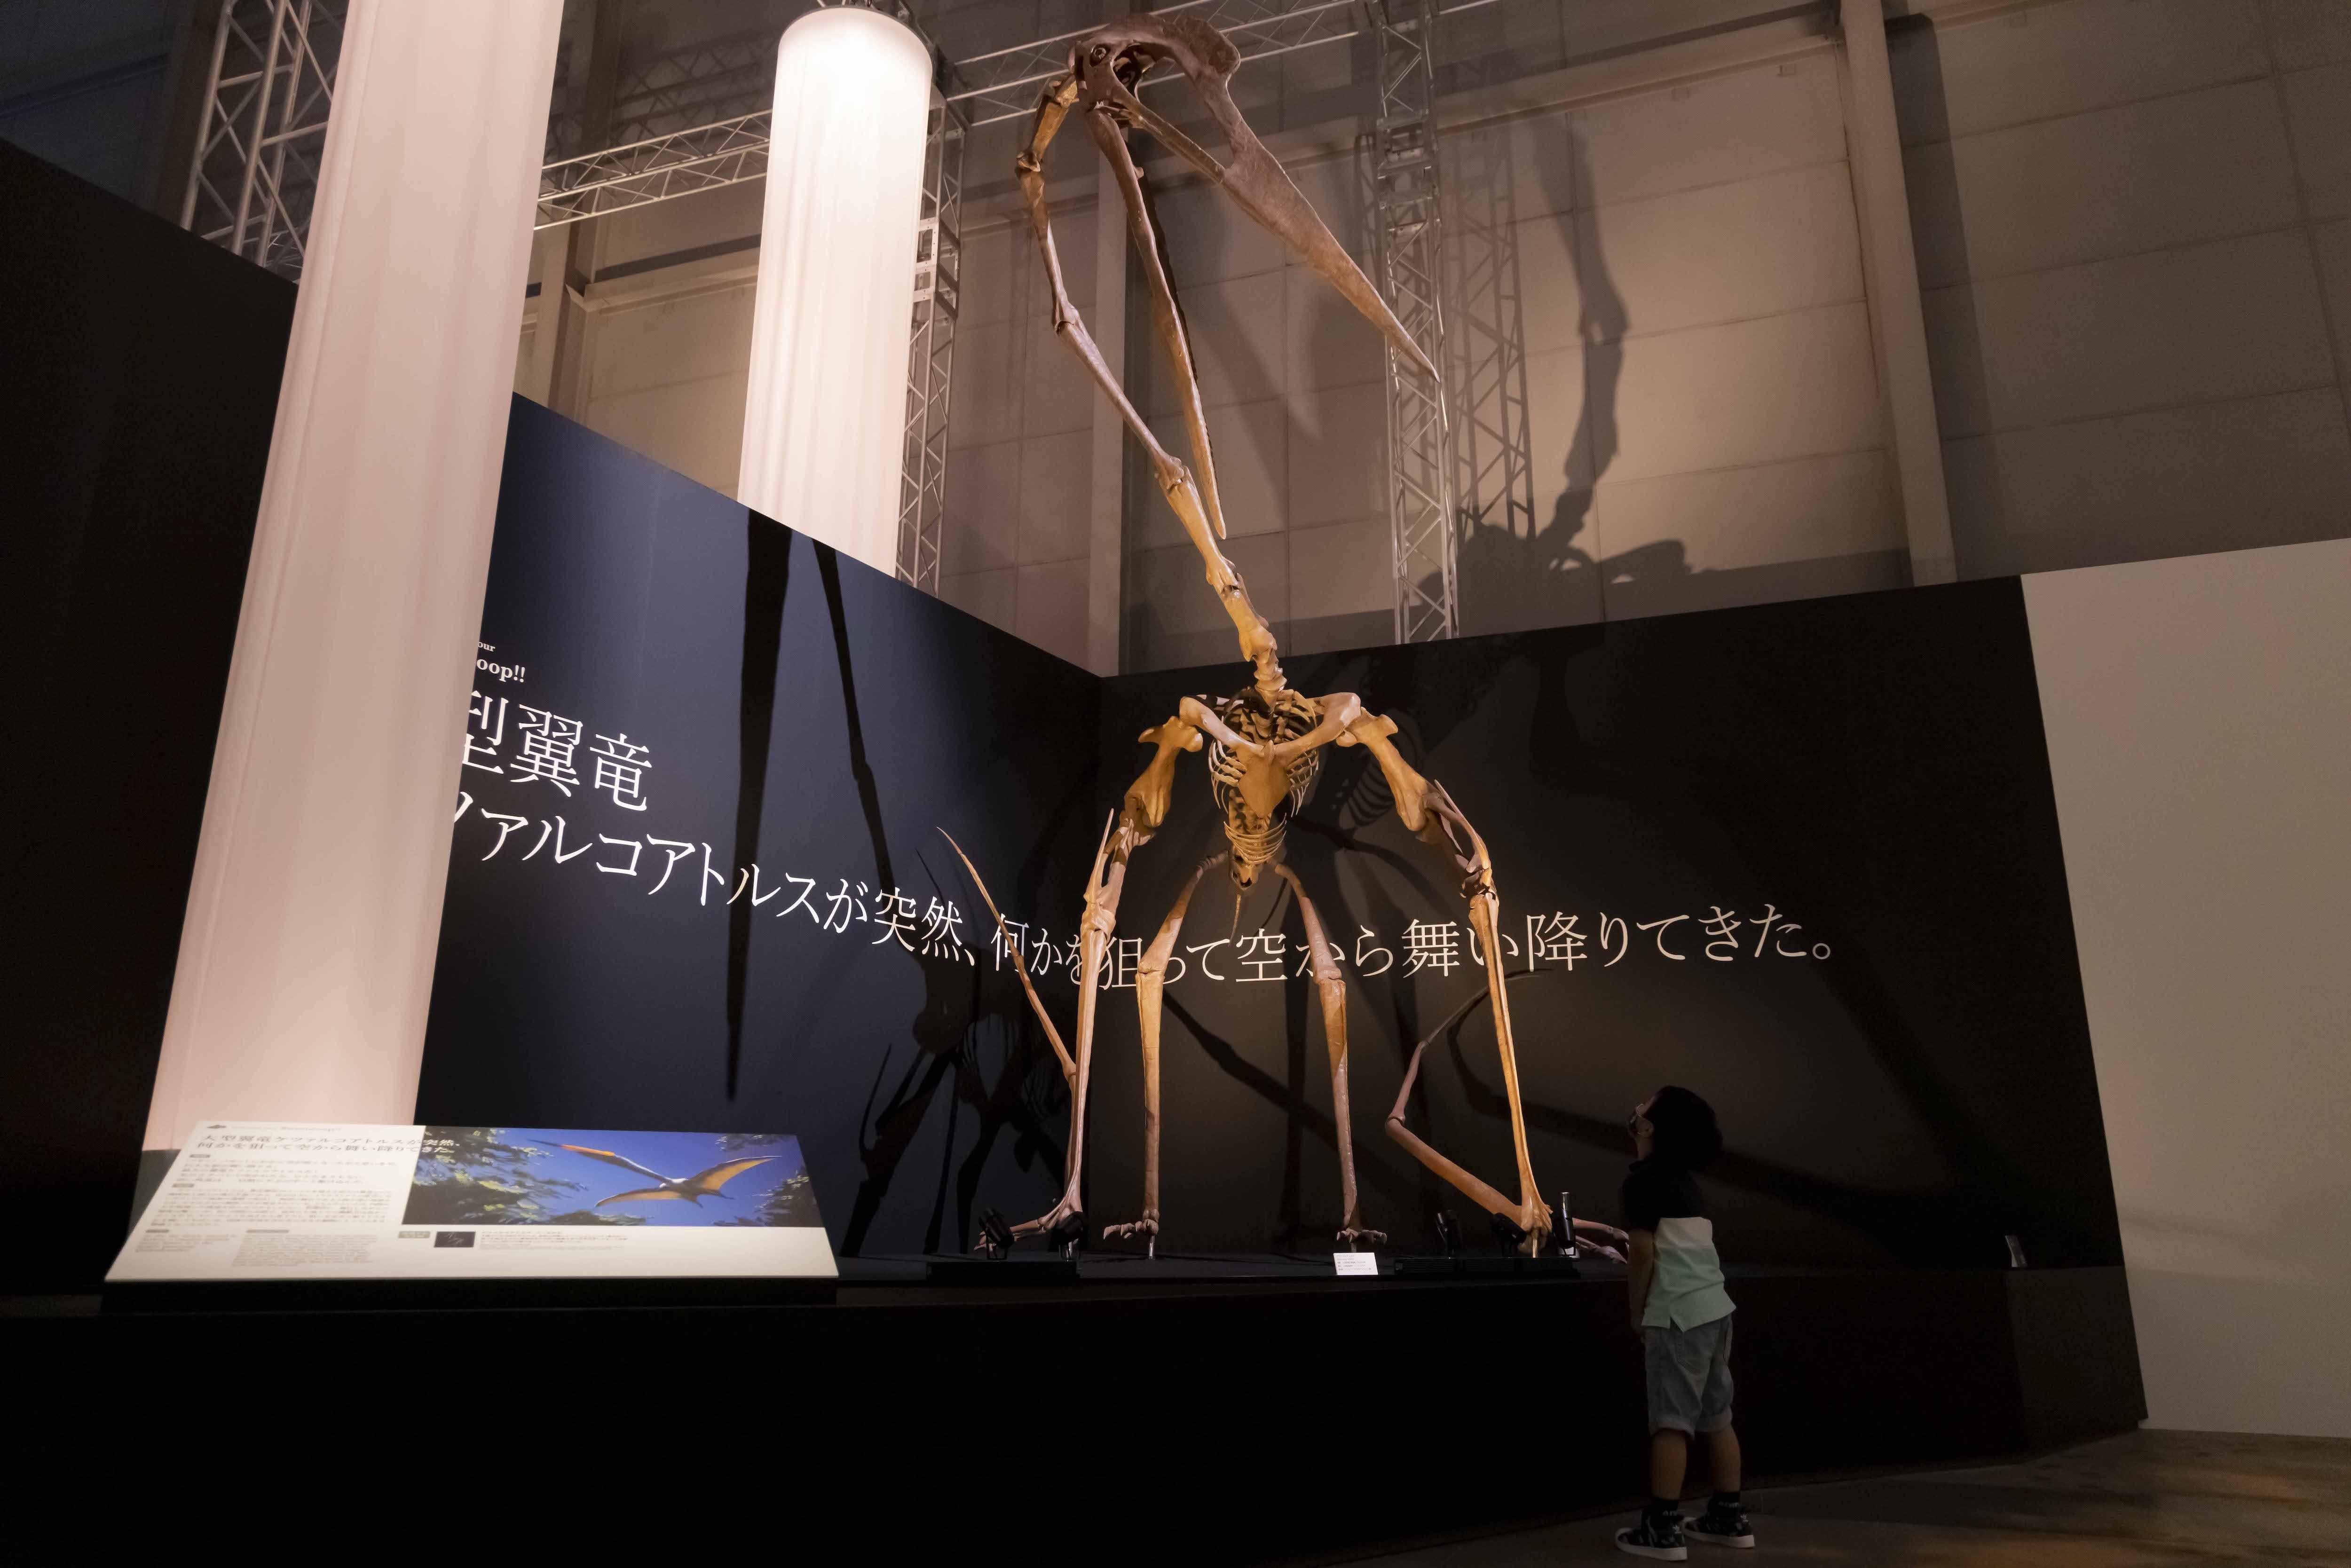 ケツァルコアトルスは、空を飛ぶ生物としては史上最大と言われる